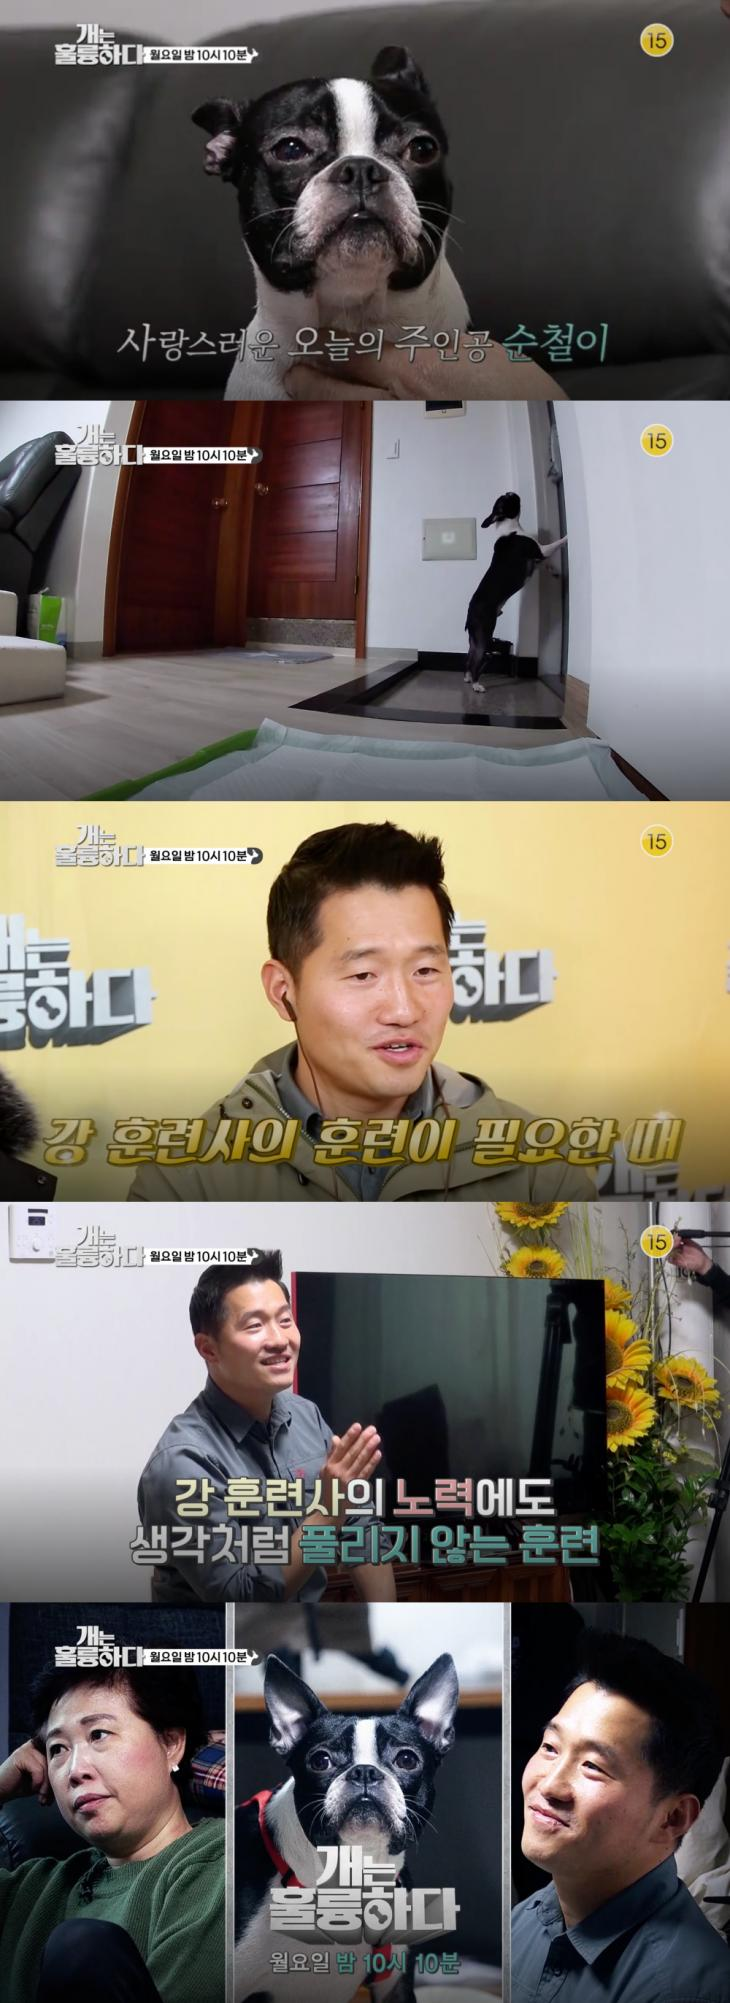 KBS2 '개는 훌륭하다' 15회 예고 캡처